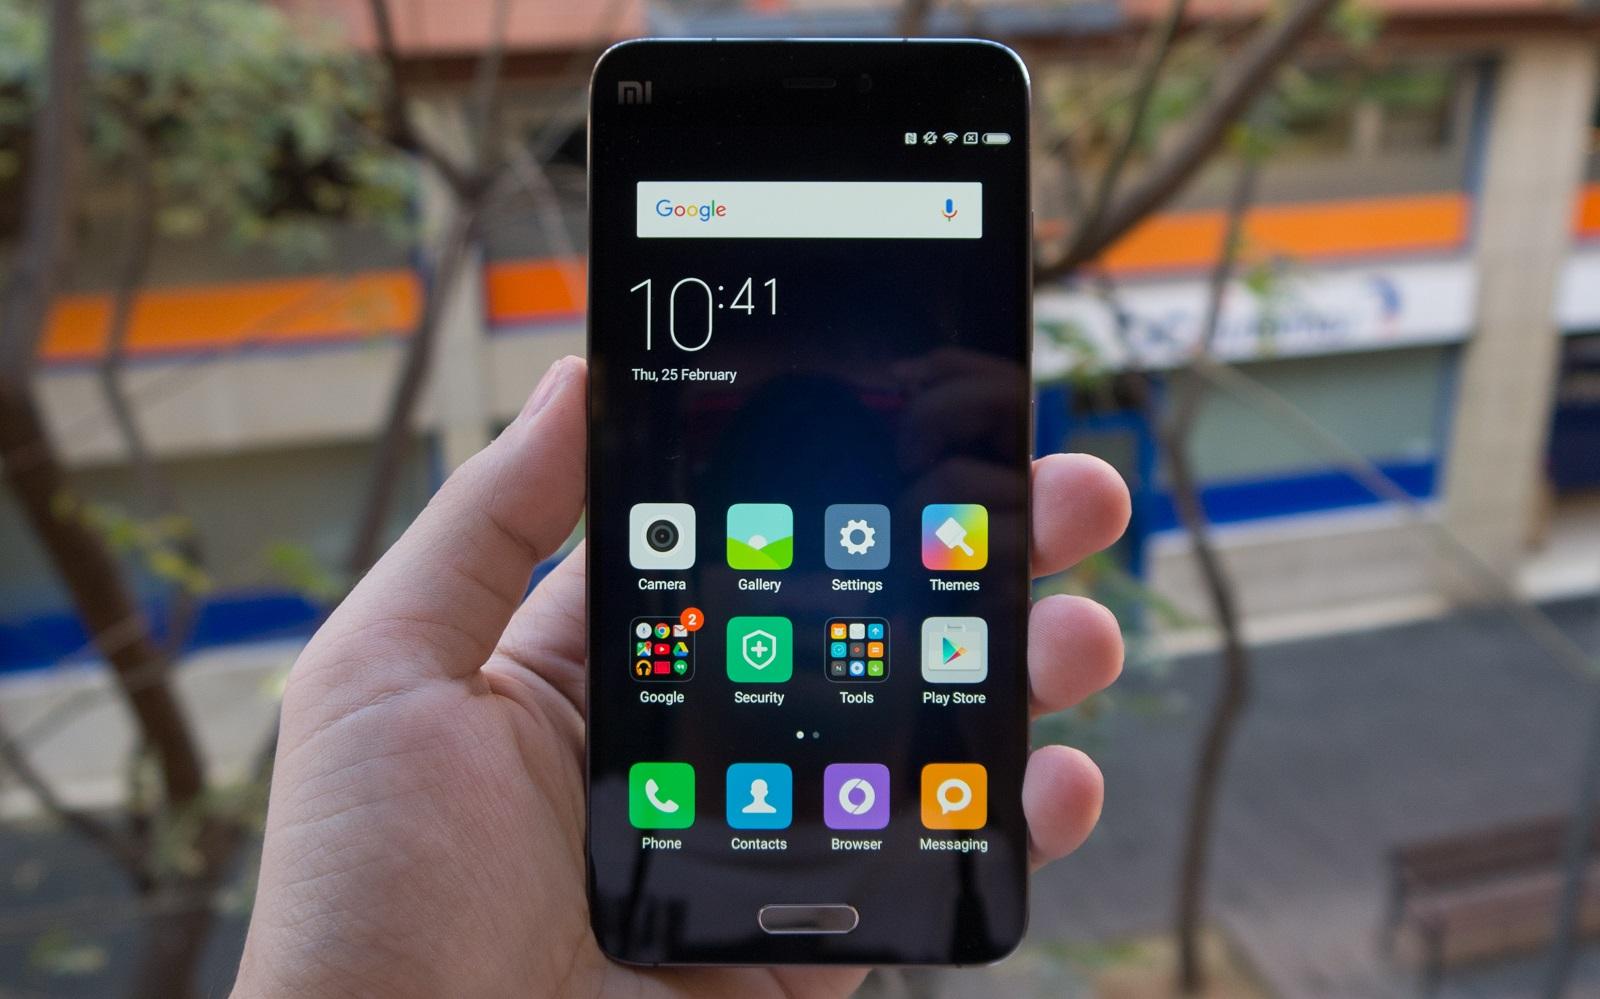 Xiaomi Termina Suporte Para O Mi 5 E Redmi Note 3 Aberto Até De